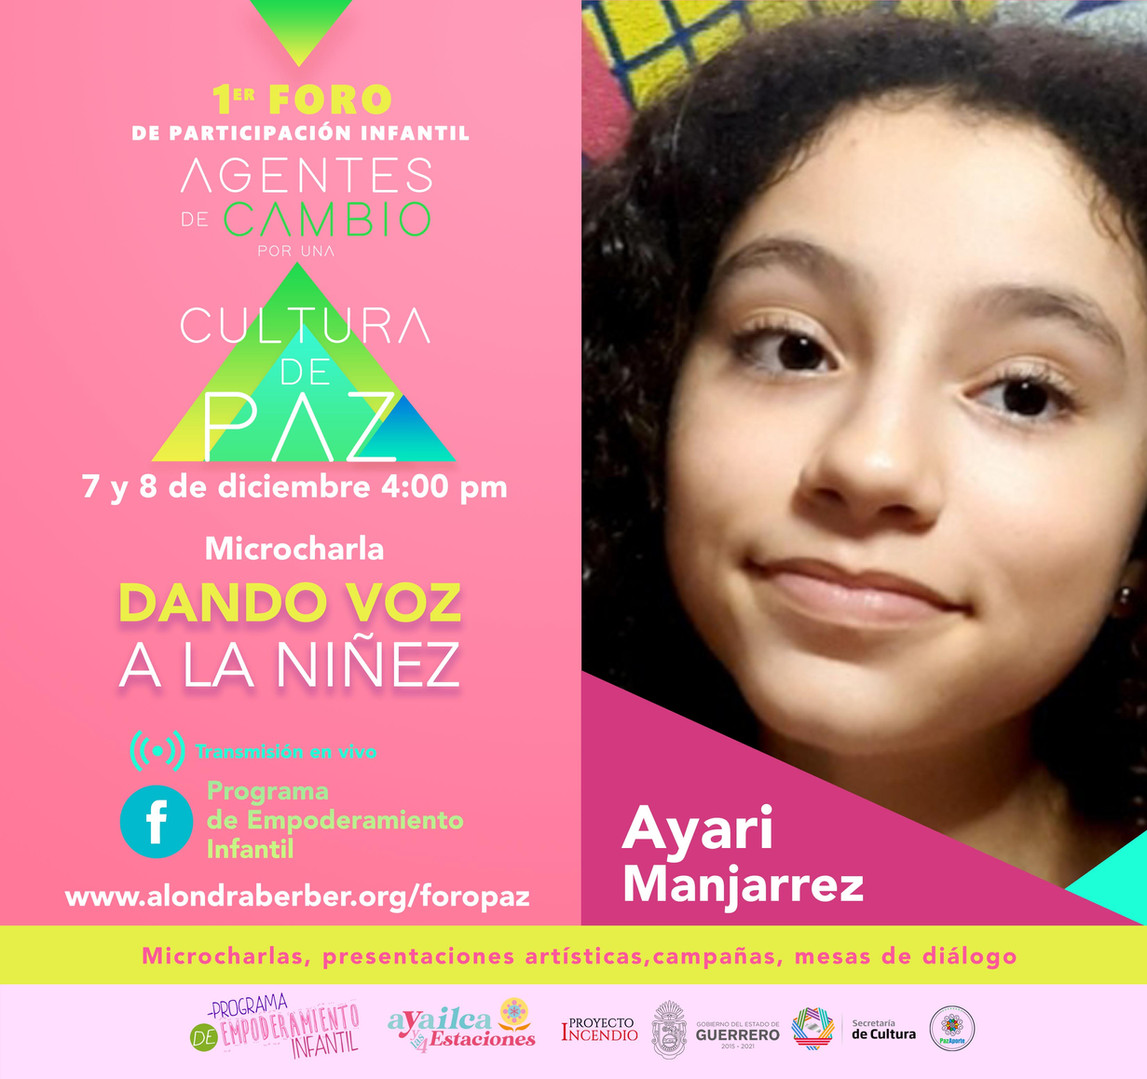 Ayari Manjarrez / Foro Paz